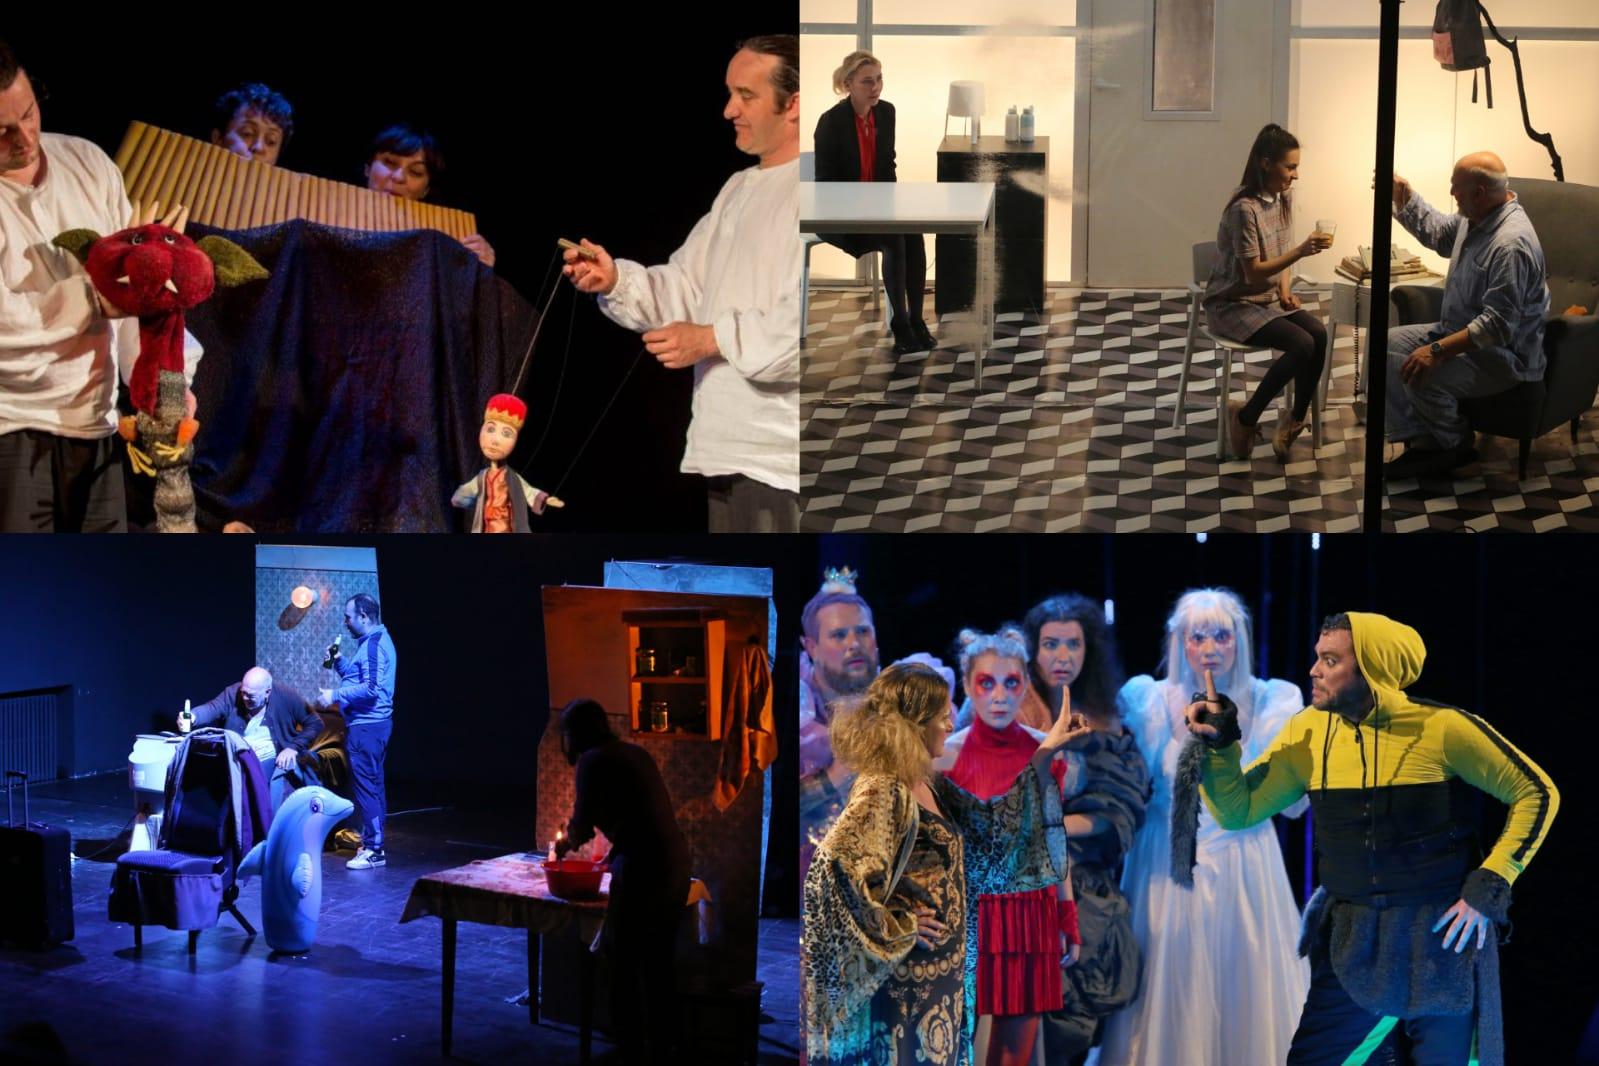 """Ce vedem săptămâna aceasta la Teatrul Clasic """"Ioan Slavici"""" Arad"""